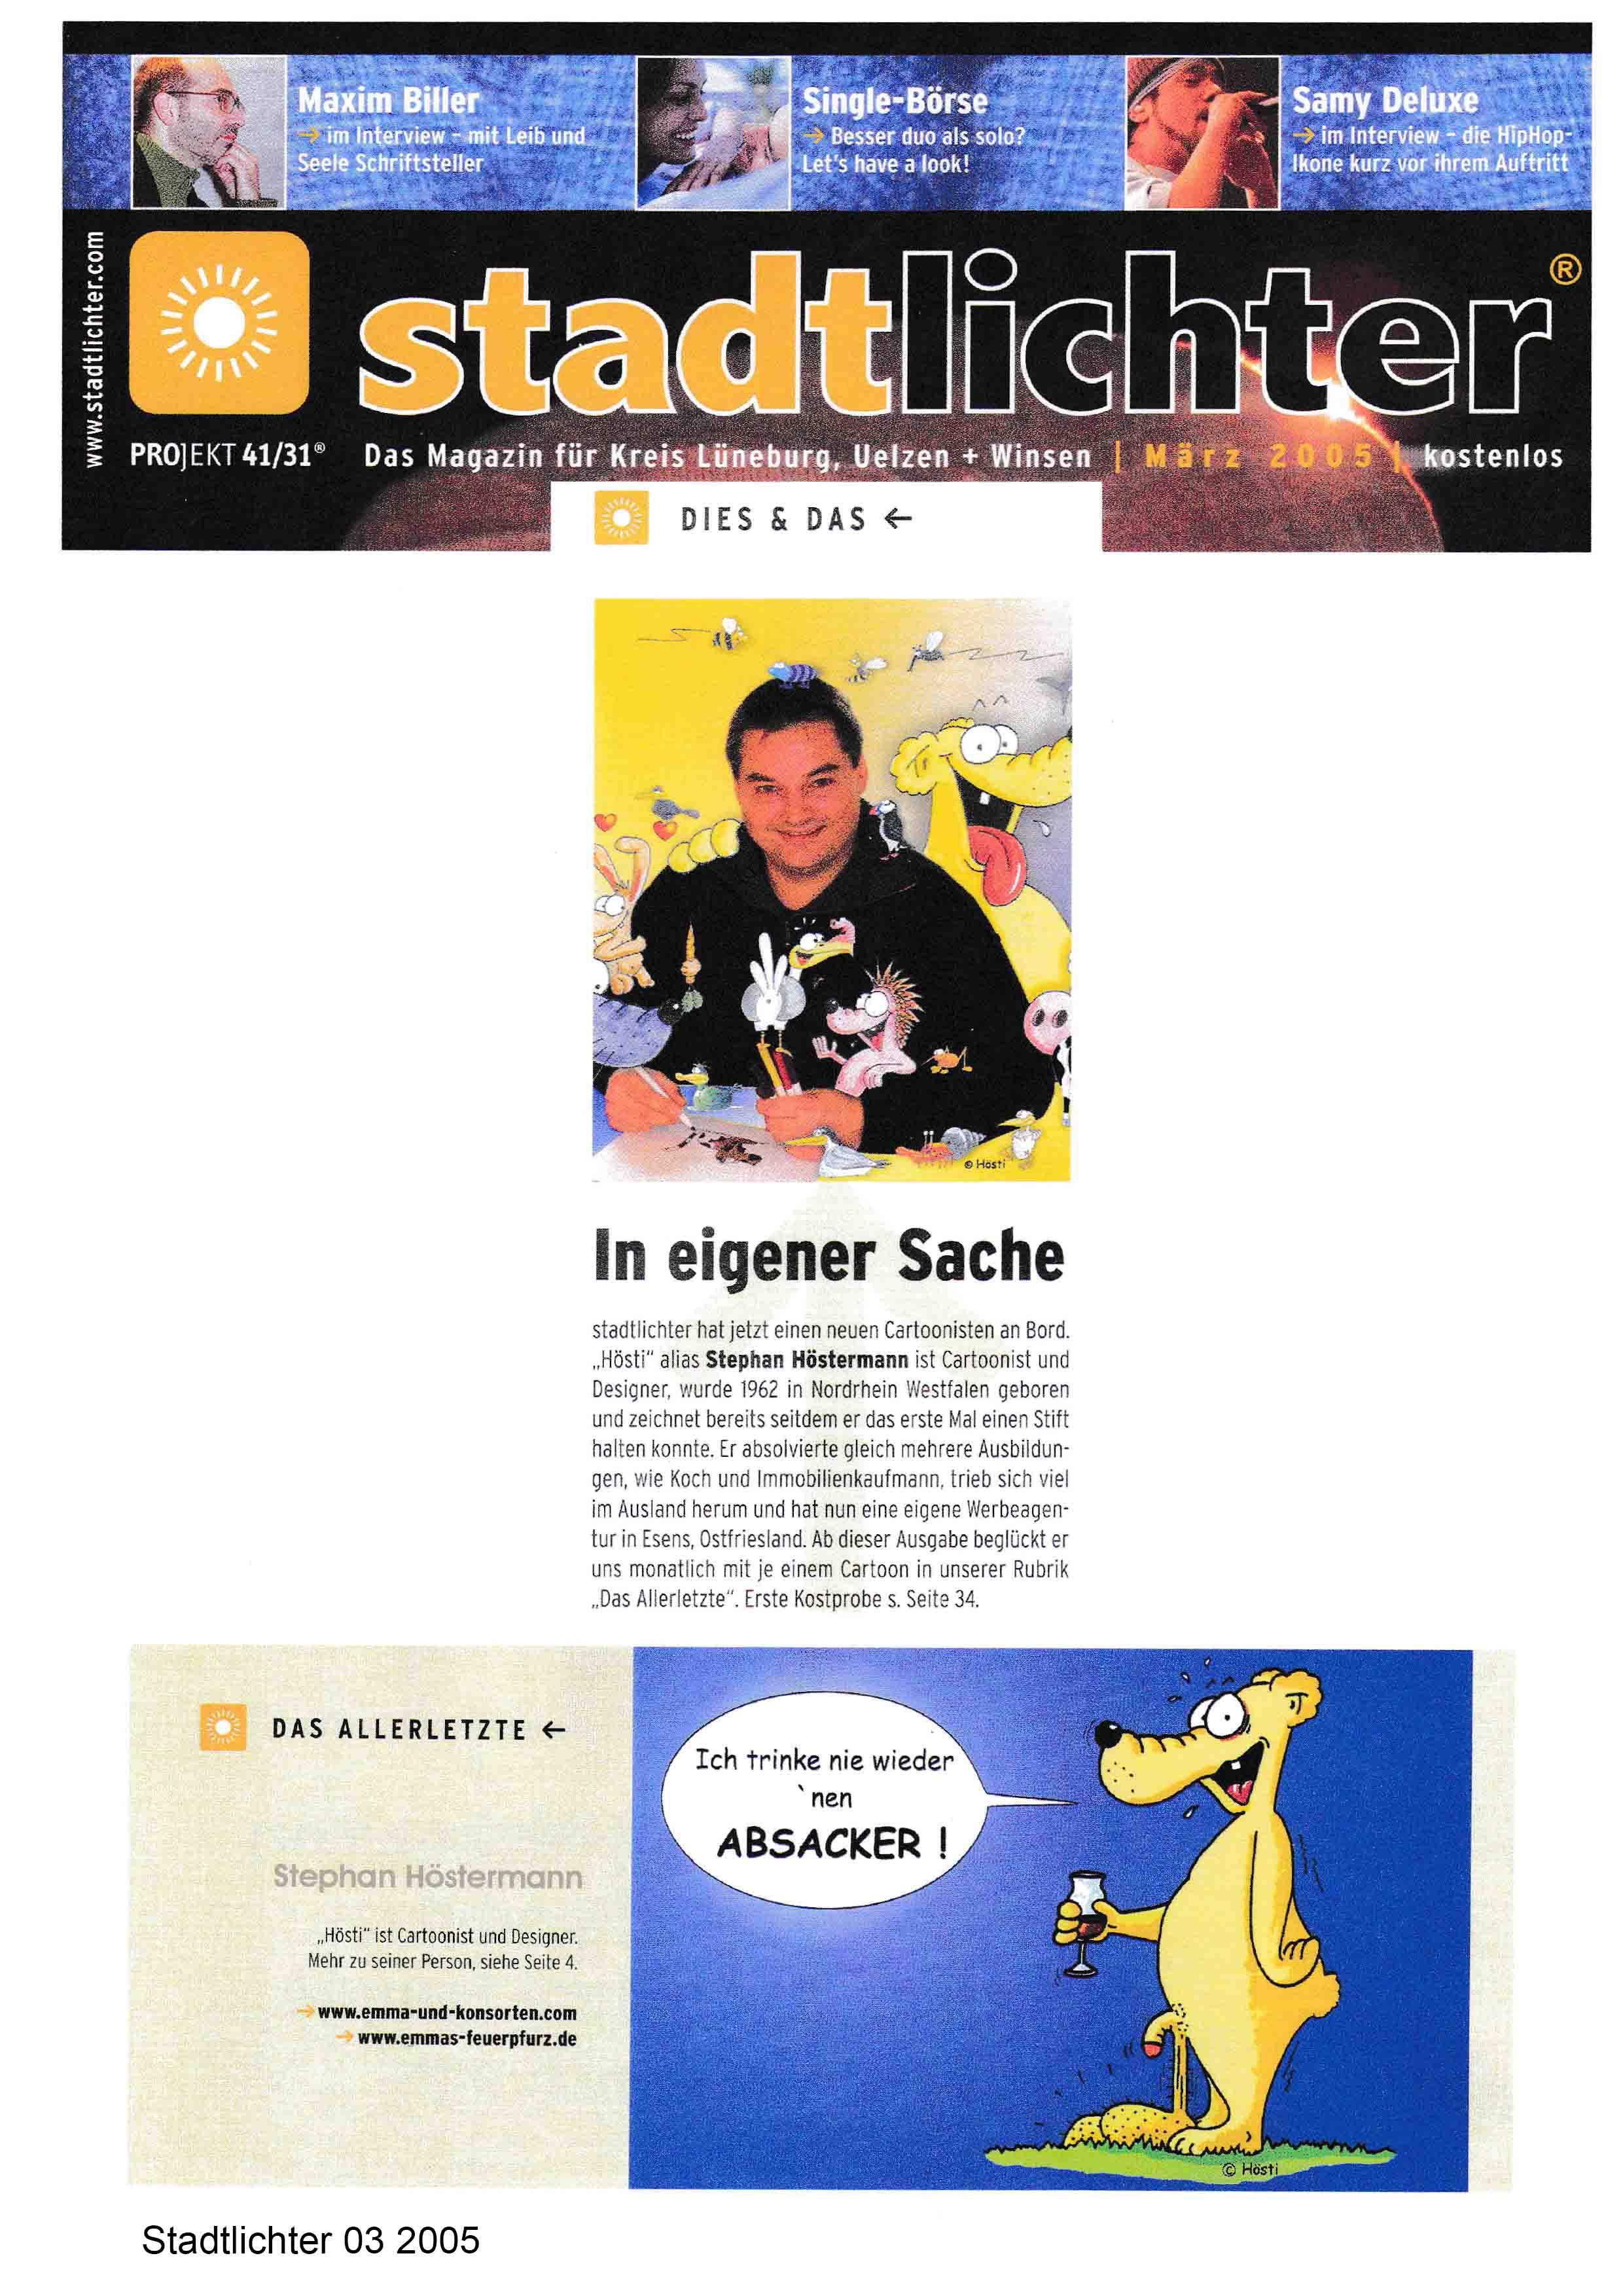 Stadtlichter 03 2005